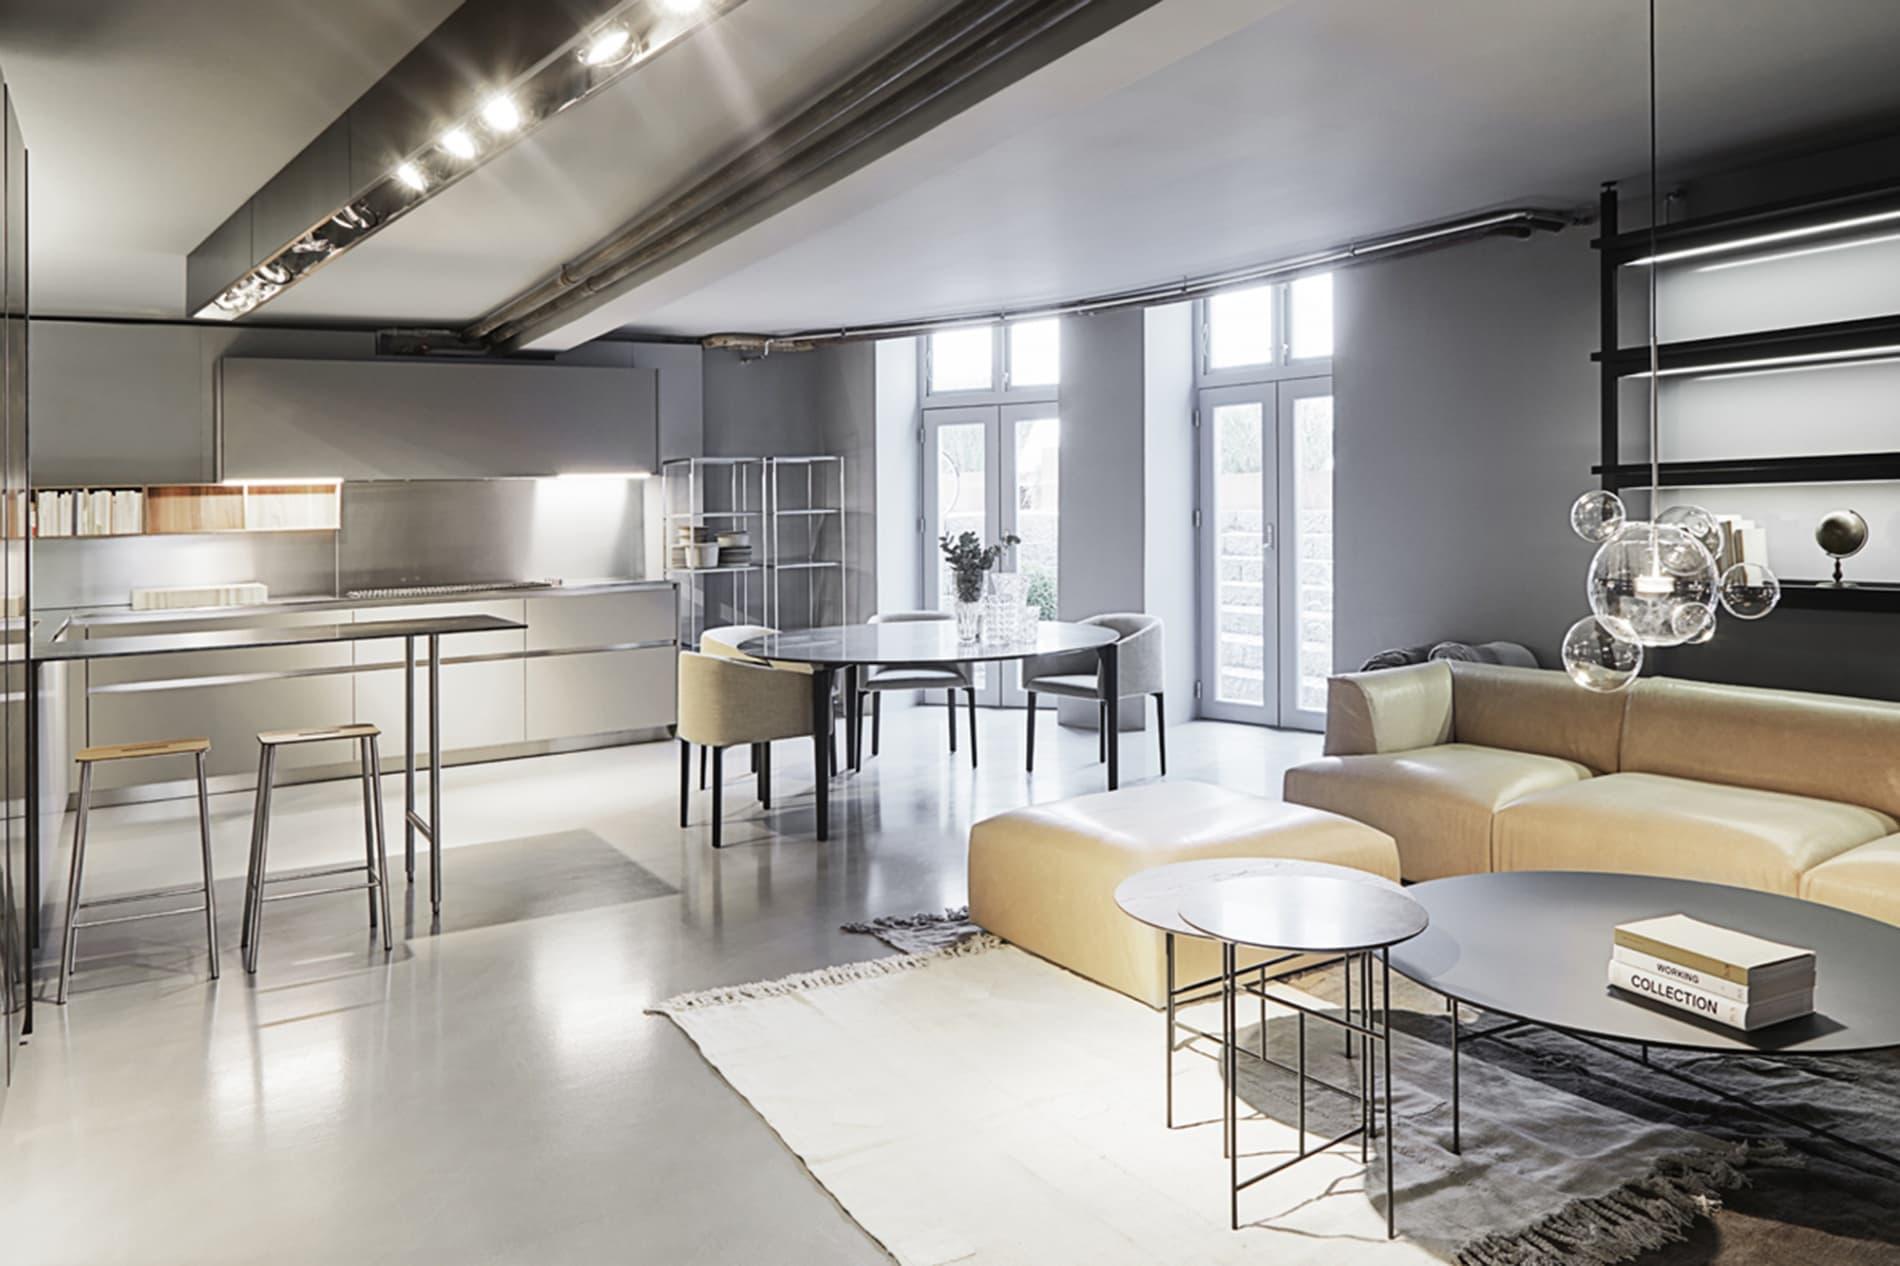 The De Padova collection at Boffi Copenhagen